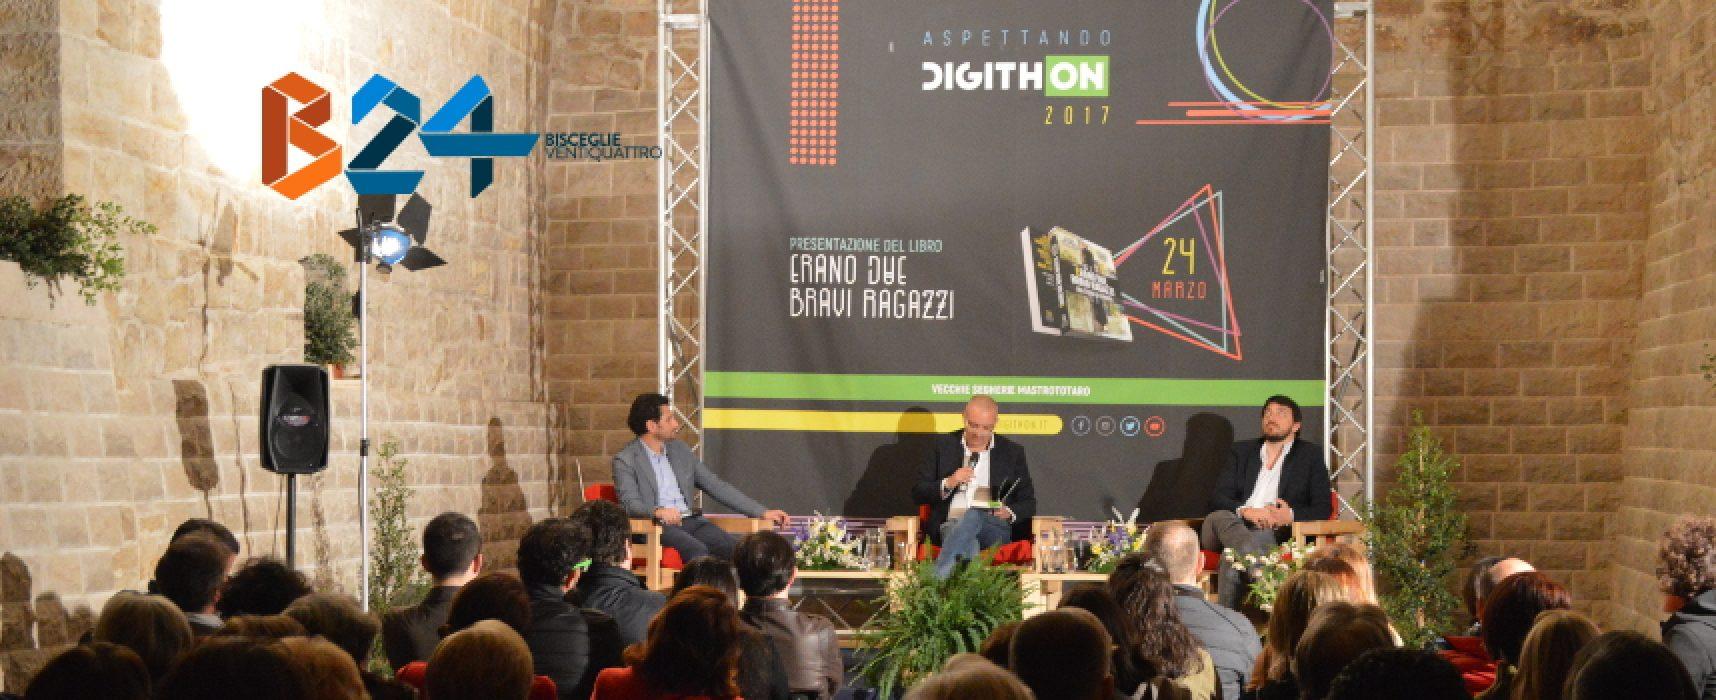 """Aspettando Digithon, Giuramento e Scalia raccontano Napoli, la camorra e """"due bravi ragazzi"""" / FOTO"""